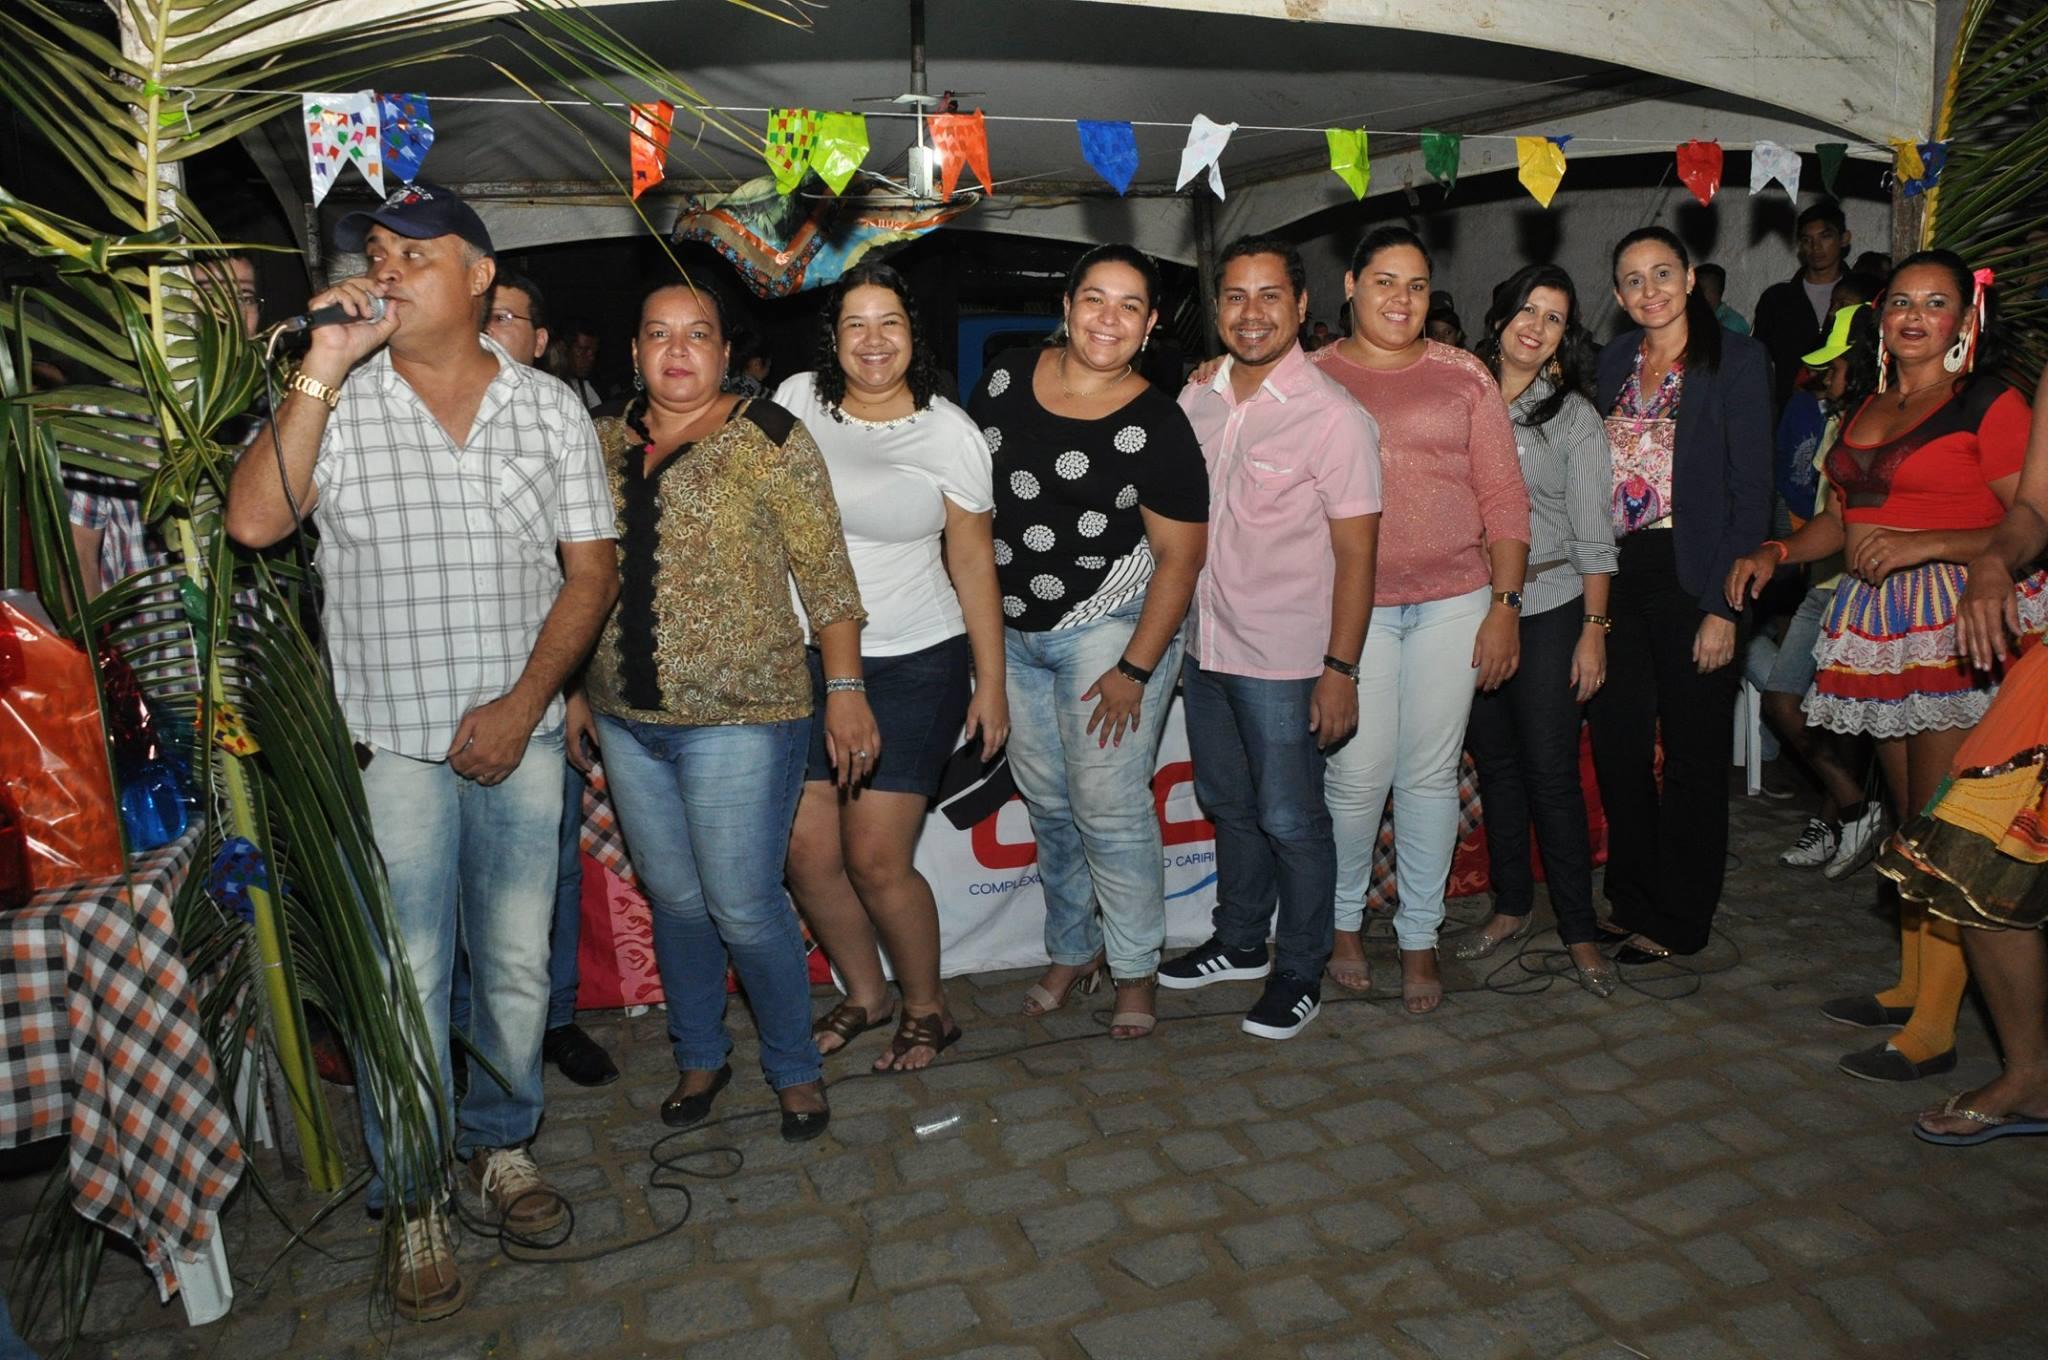 19055789_1899329953673528_7193342837652541489_o-1024x680 OPIPOCO mostra como foi a Segunda noite do festival de quadrilhas em Monteiro. Confira Imagens